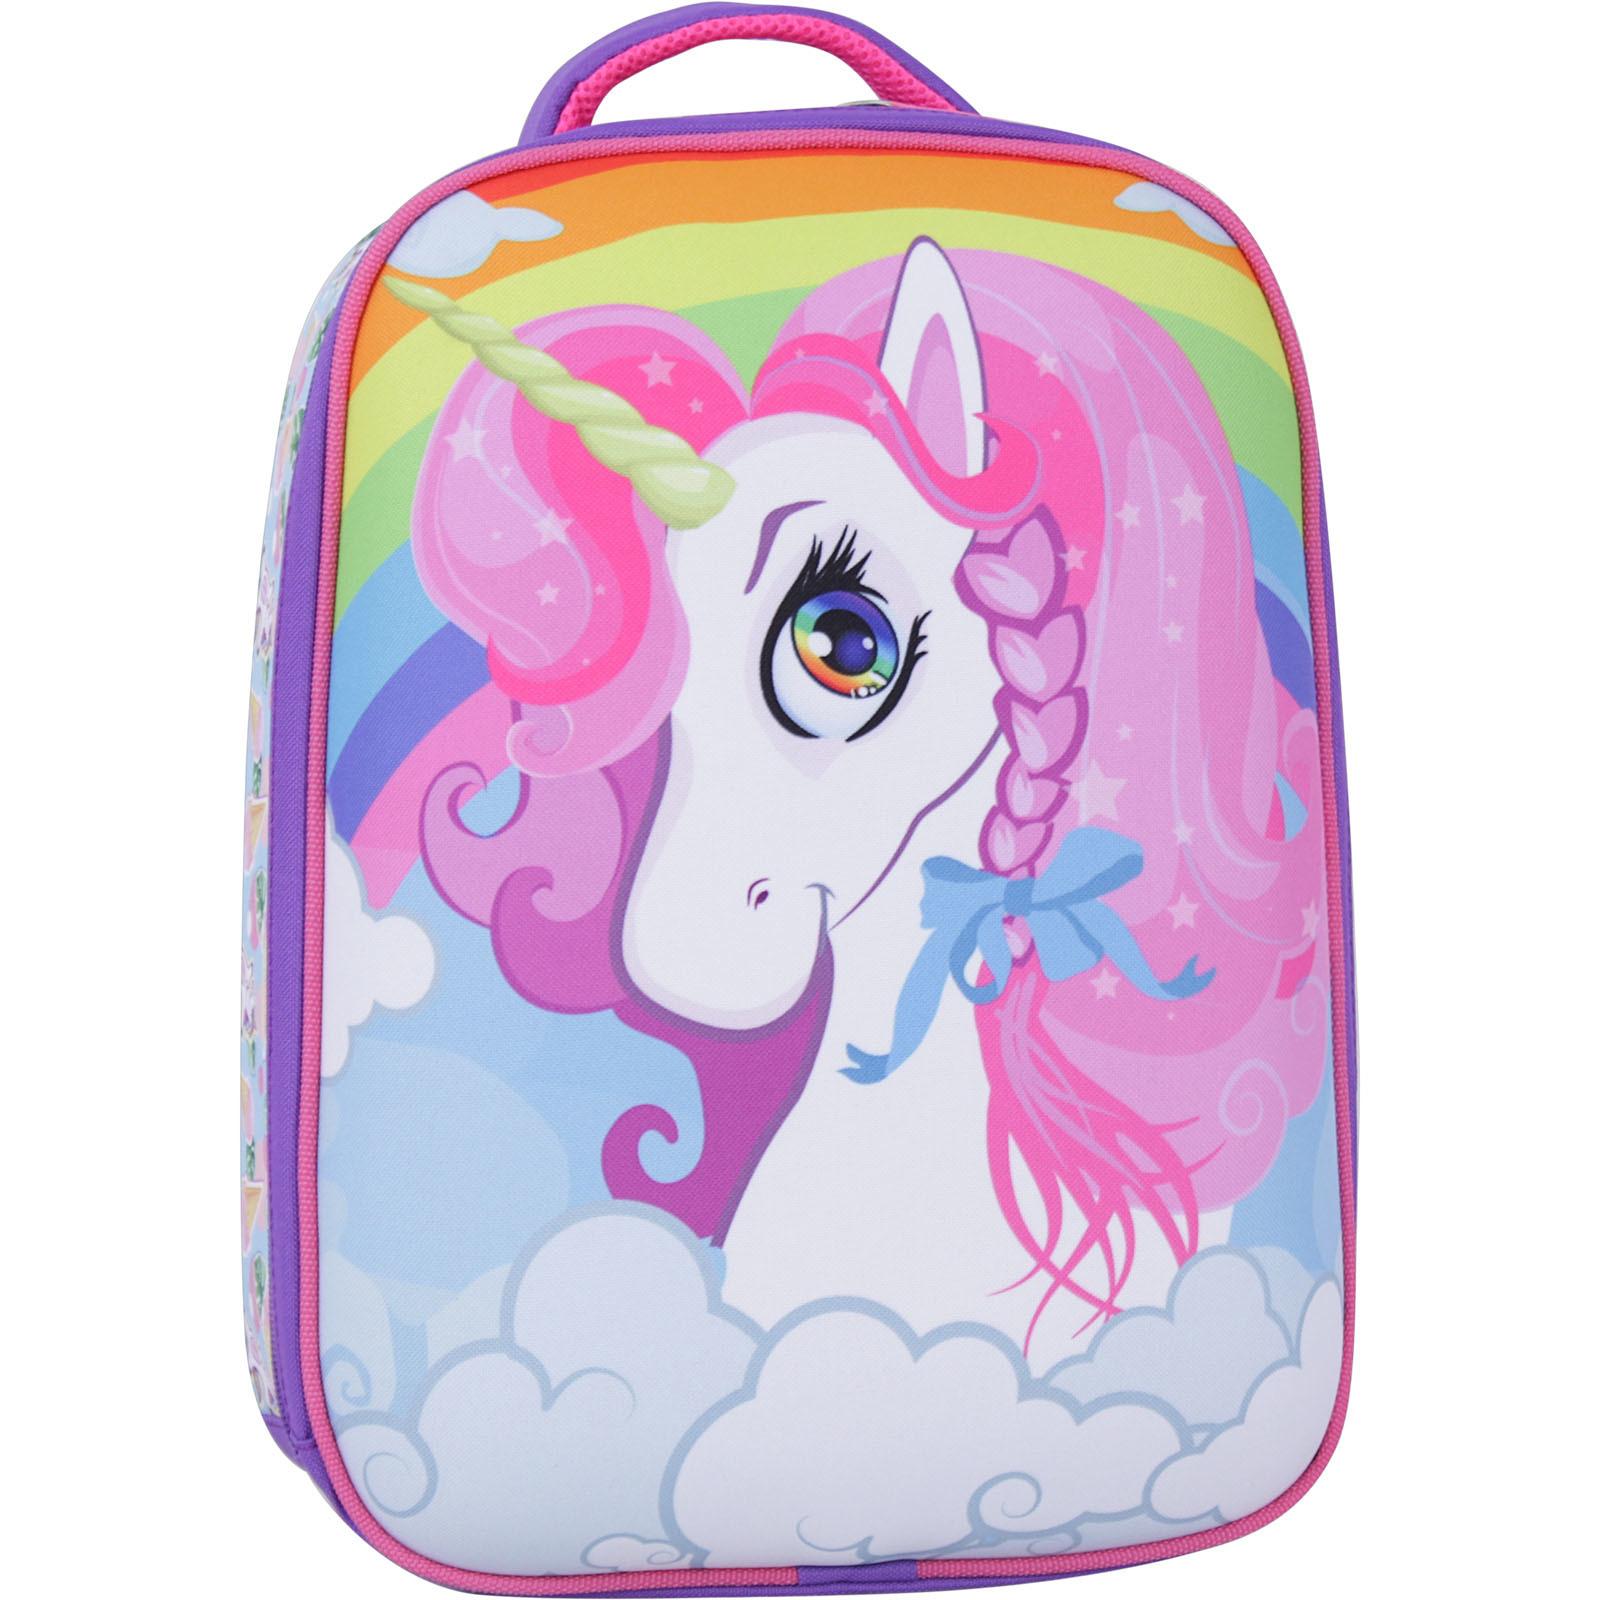 Школьные рюкзаки Рюкзак Bagland Turtle 17 л. фиолетовый 676 (0013466) IMG_2098_суб676_-1600.jpg